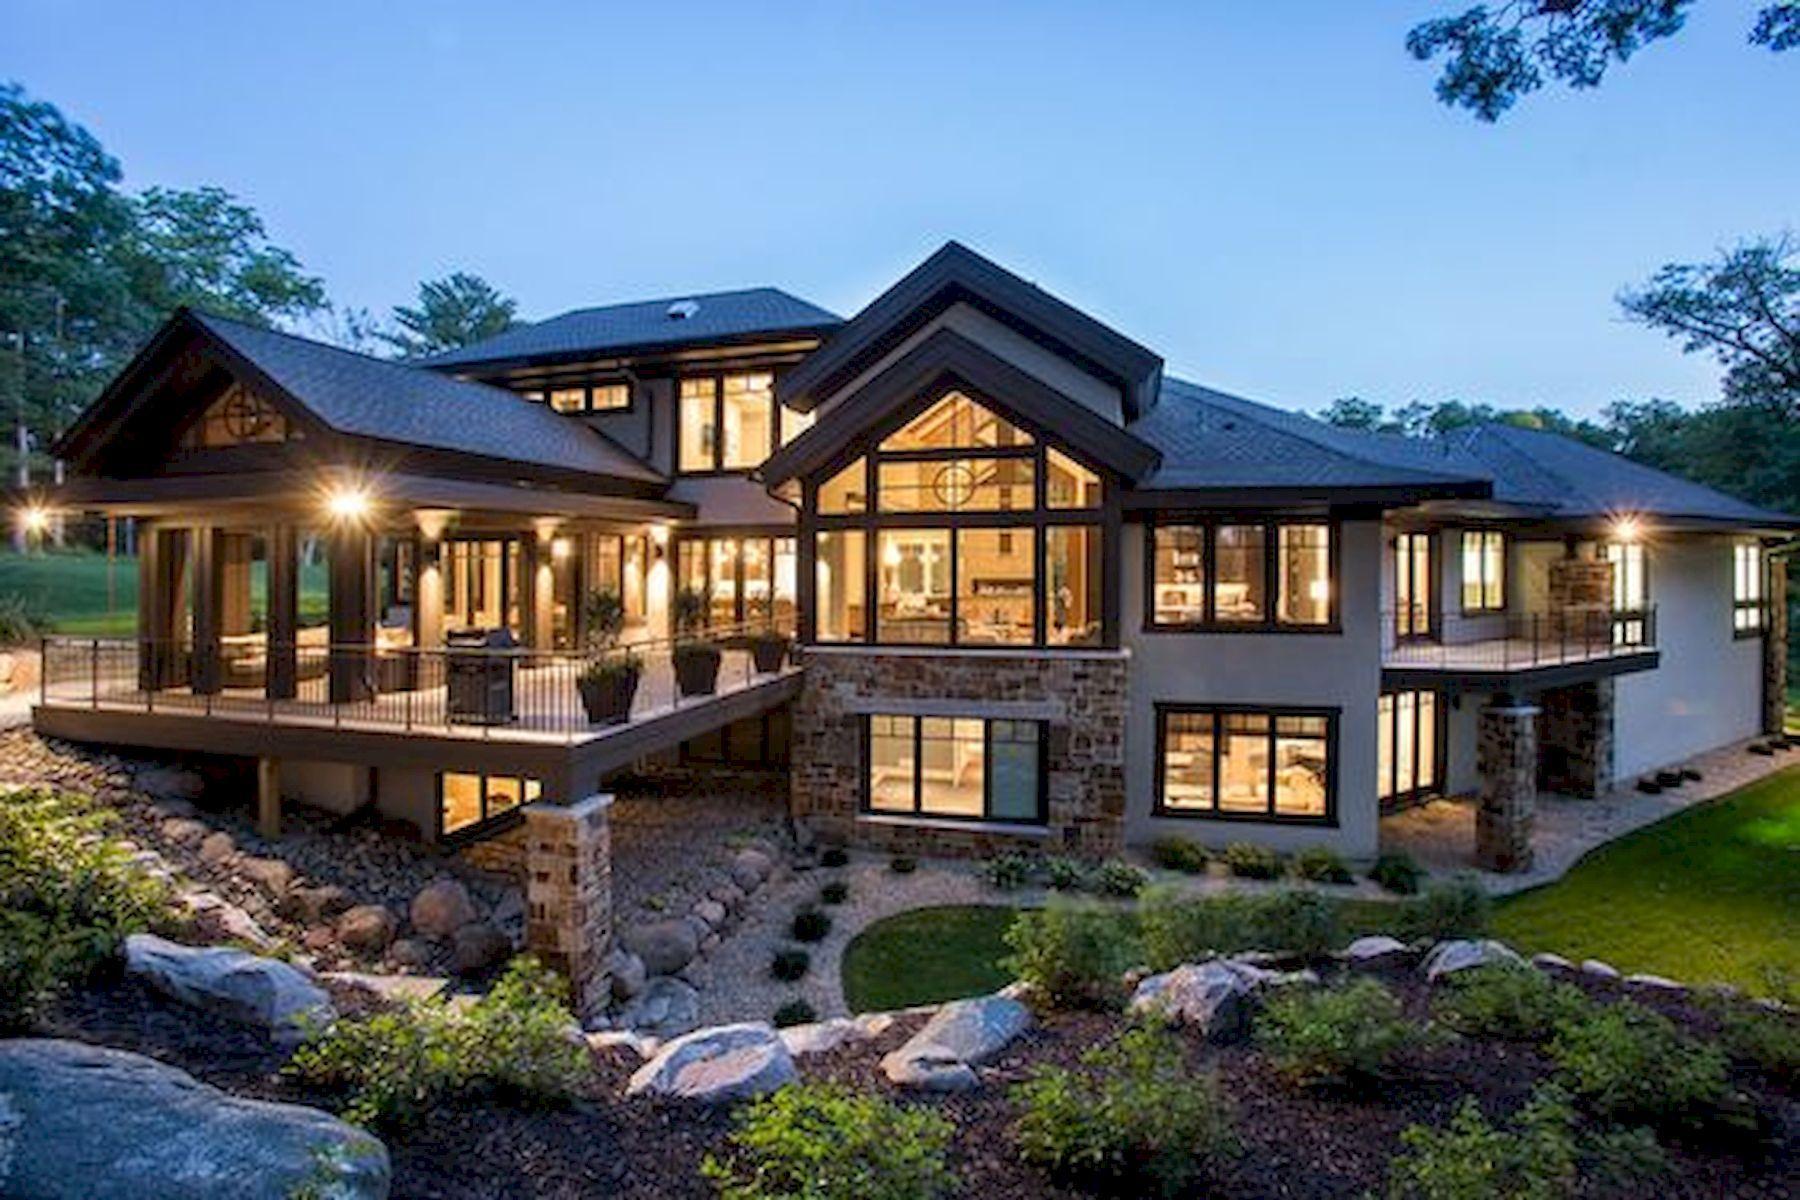 3f810b9ce28fcecdf21f07e6f5fa52ae - 46+ Modern House Designs Interior And Exterior  Gif